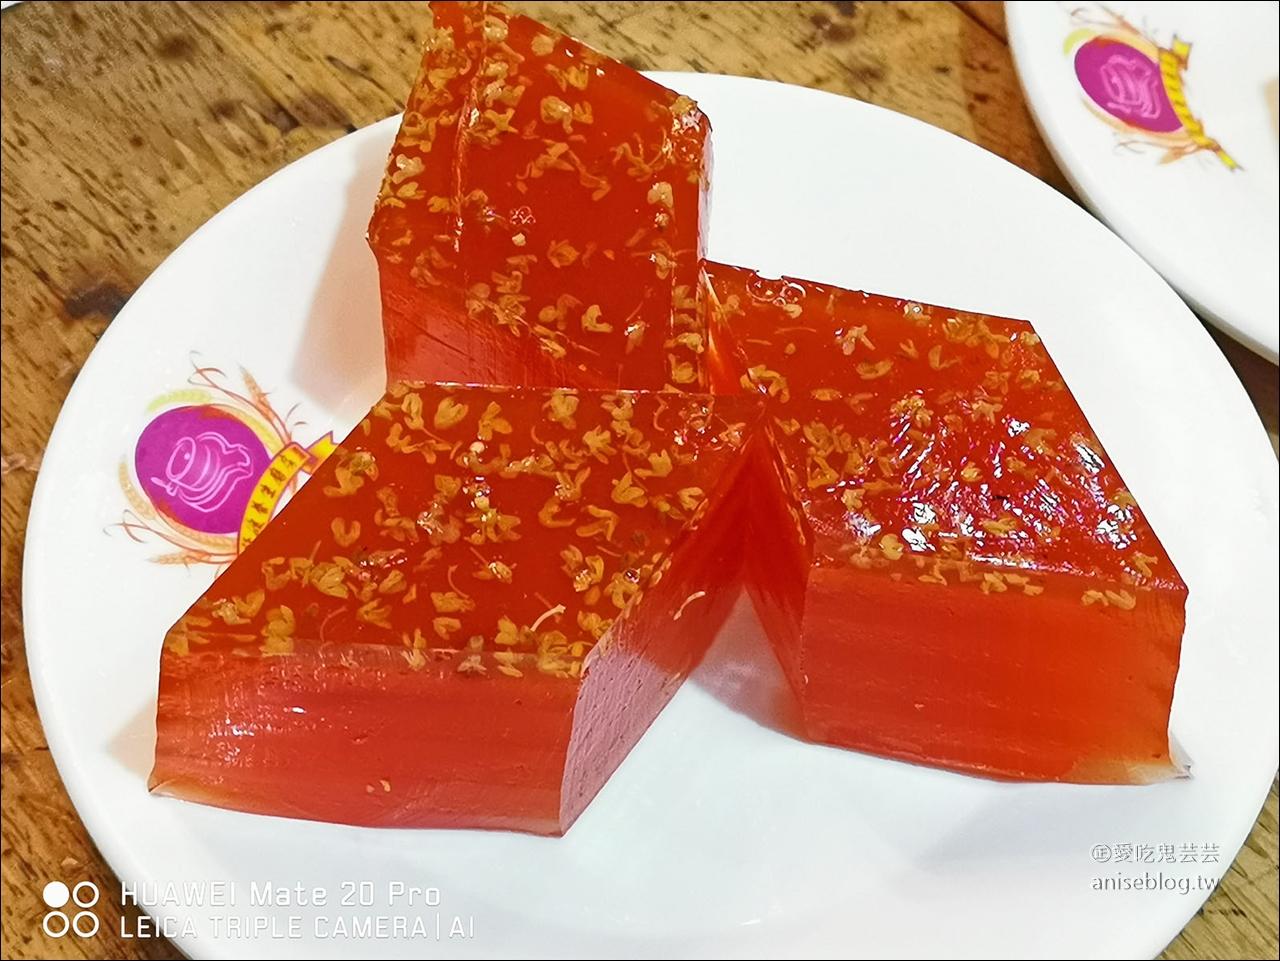 澳門甜品 | 發嫂養生磨房,在地人強推的傳統甜品